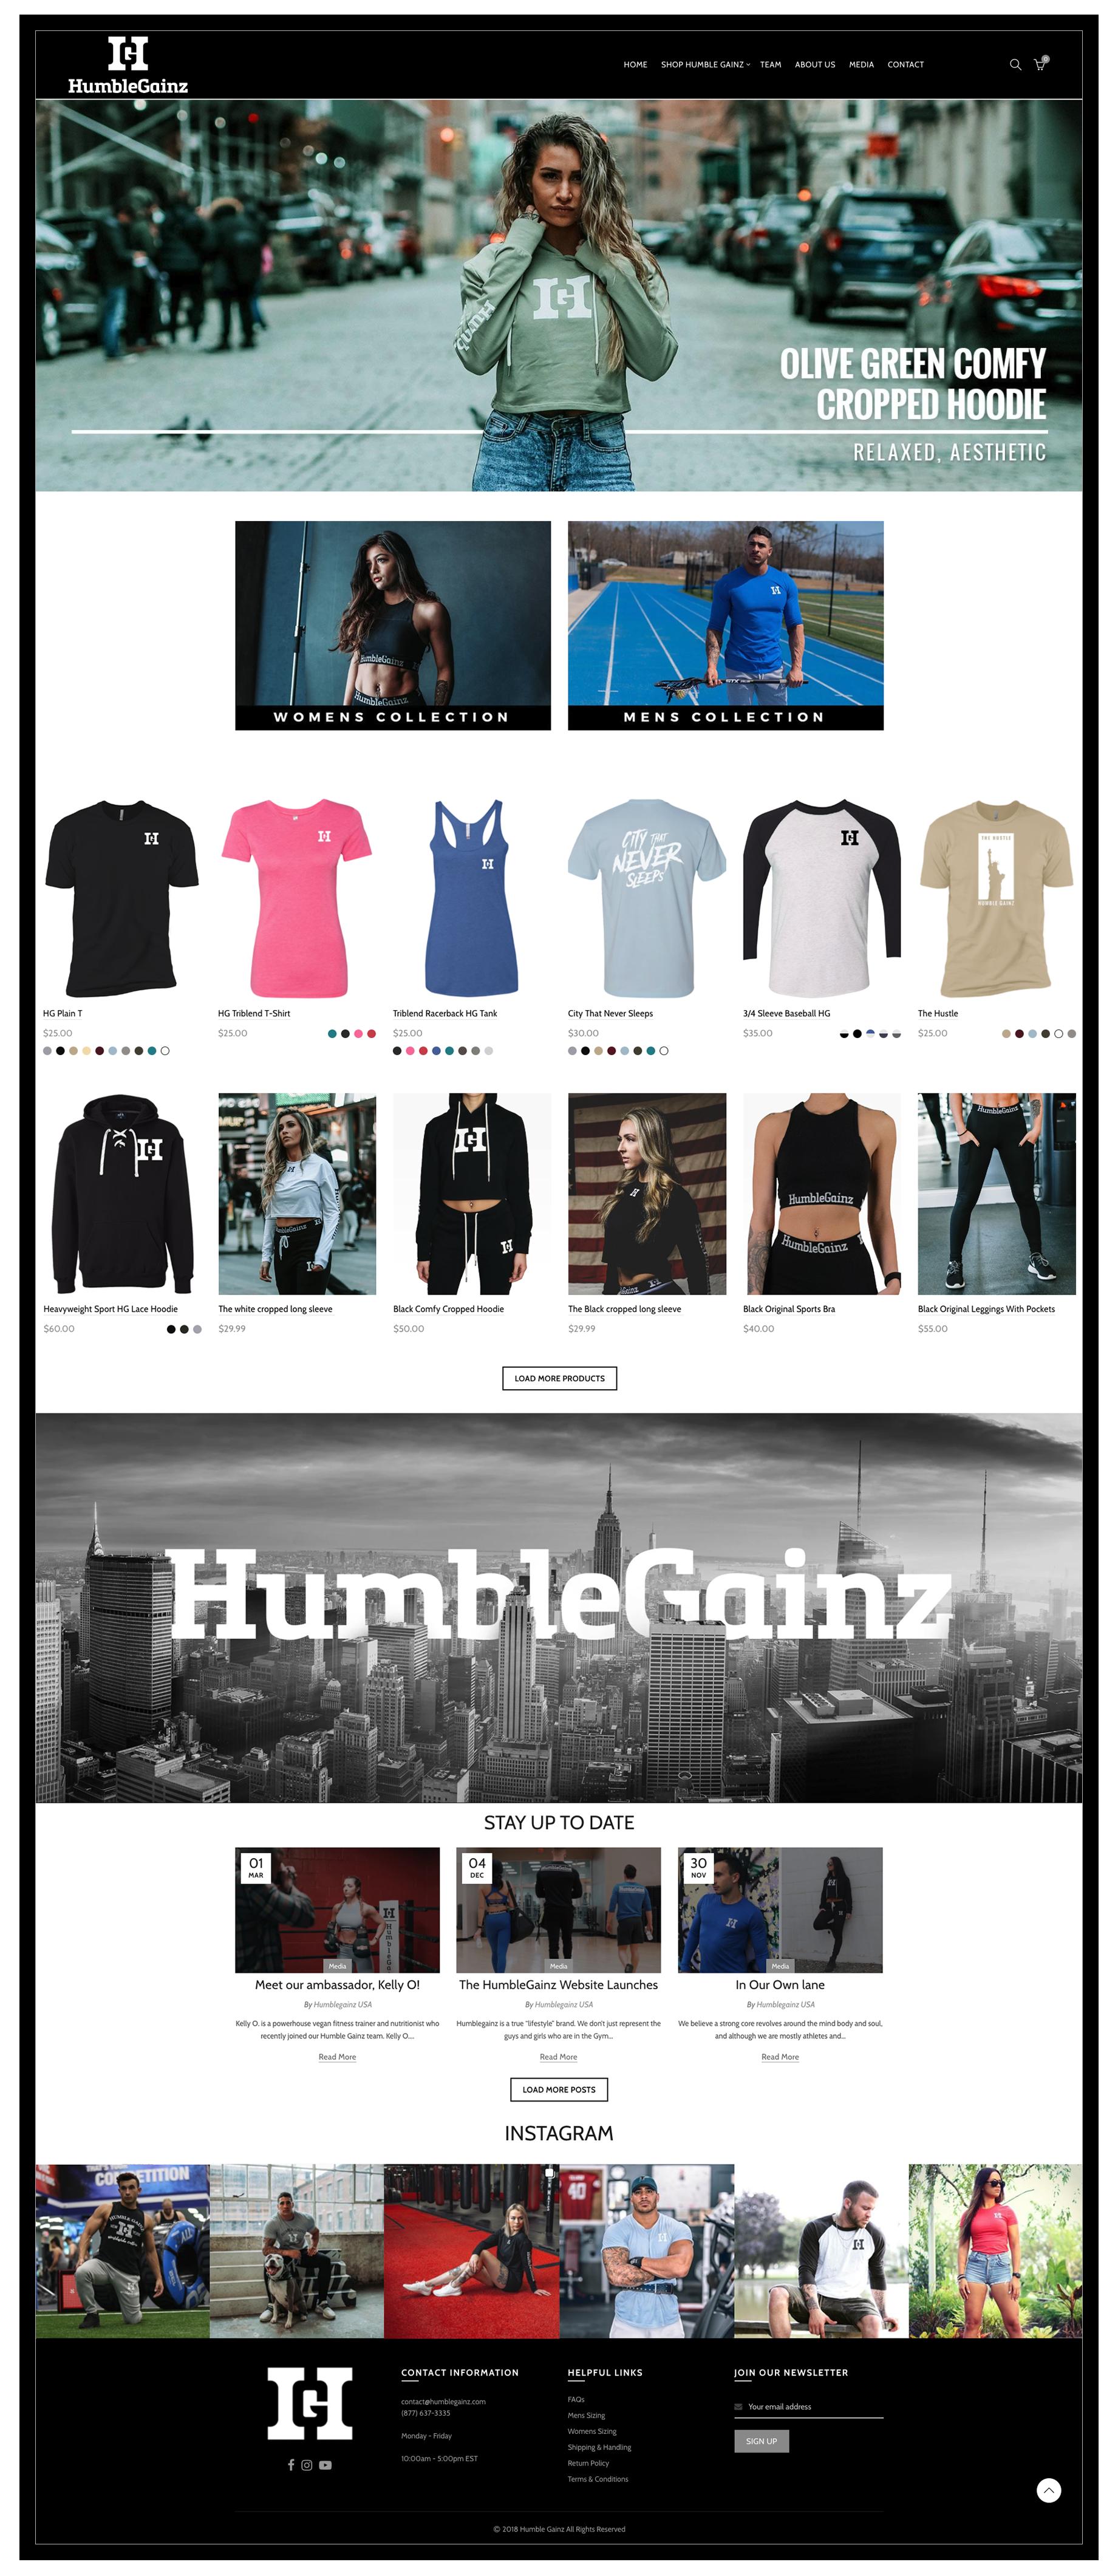 Humble-gainz-website